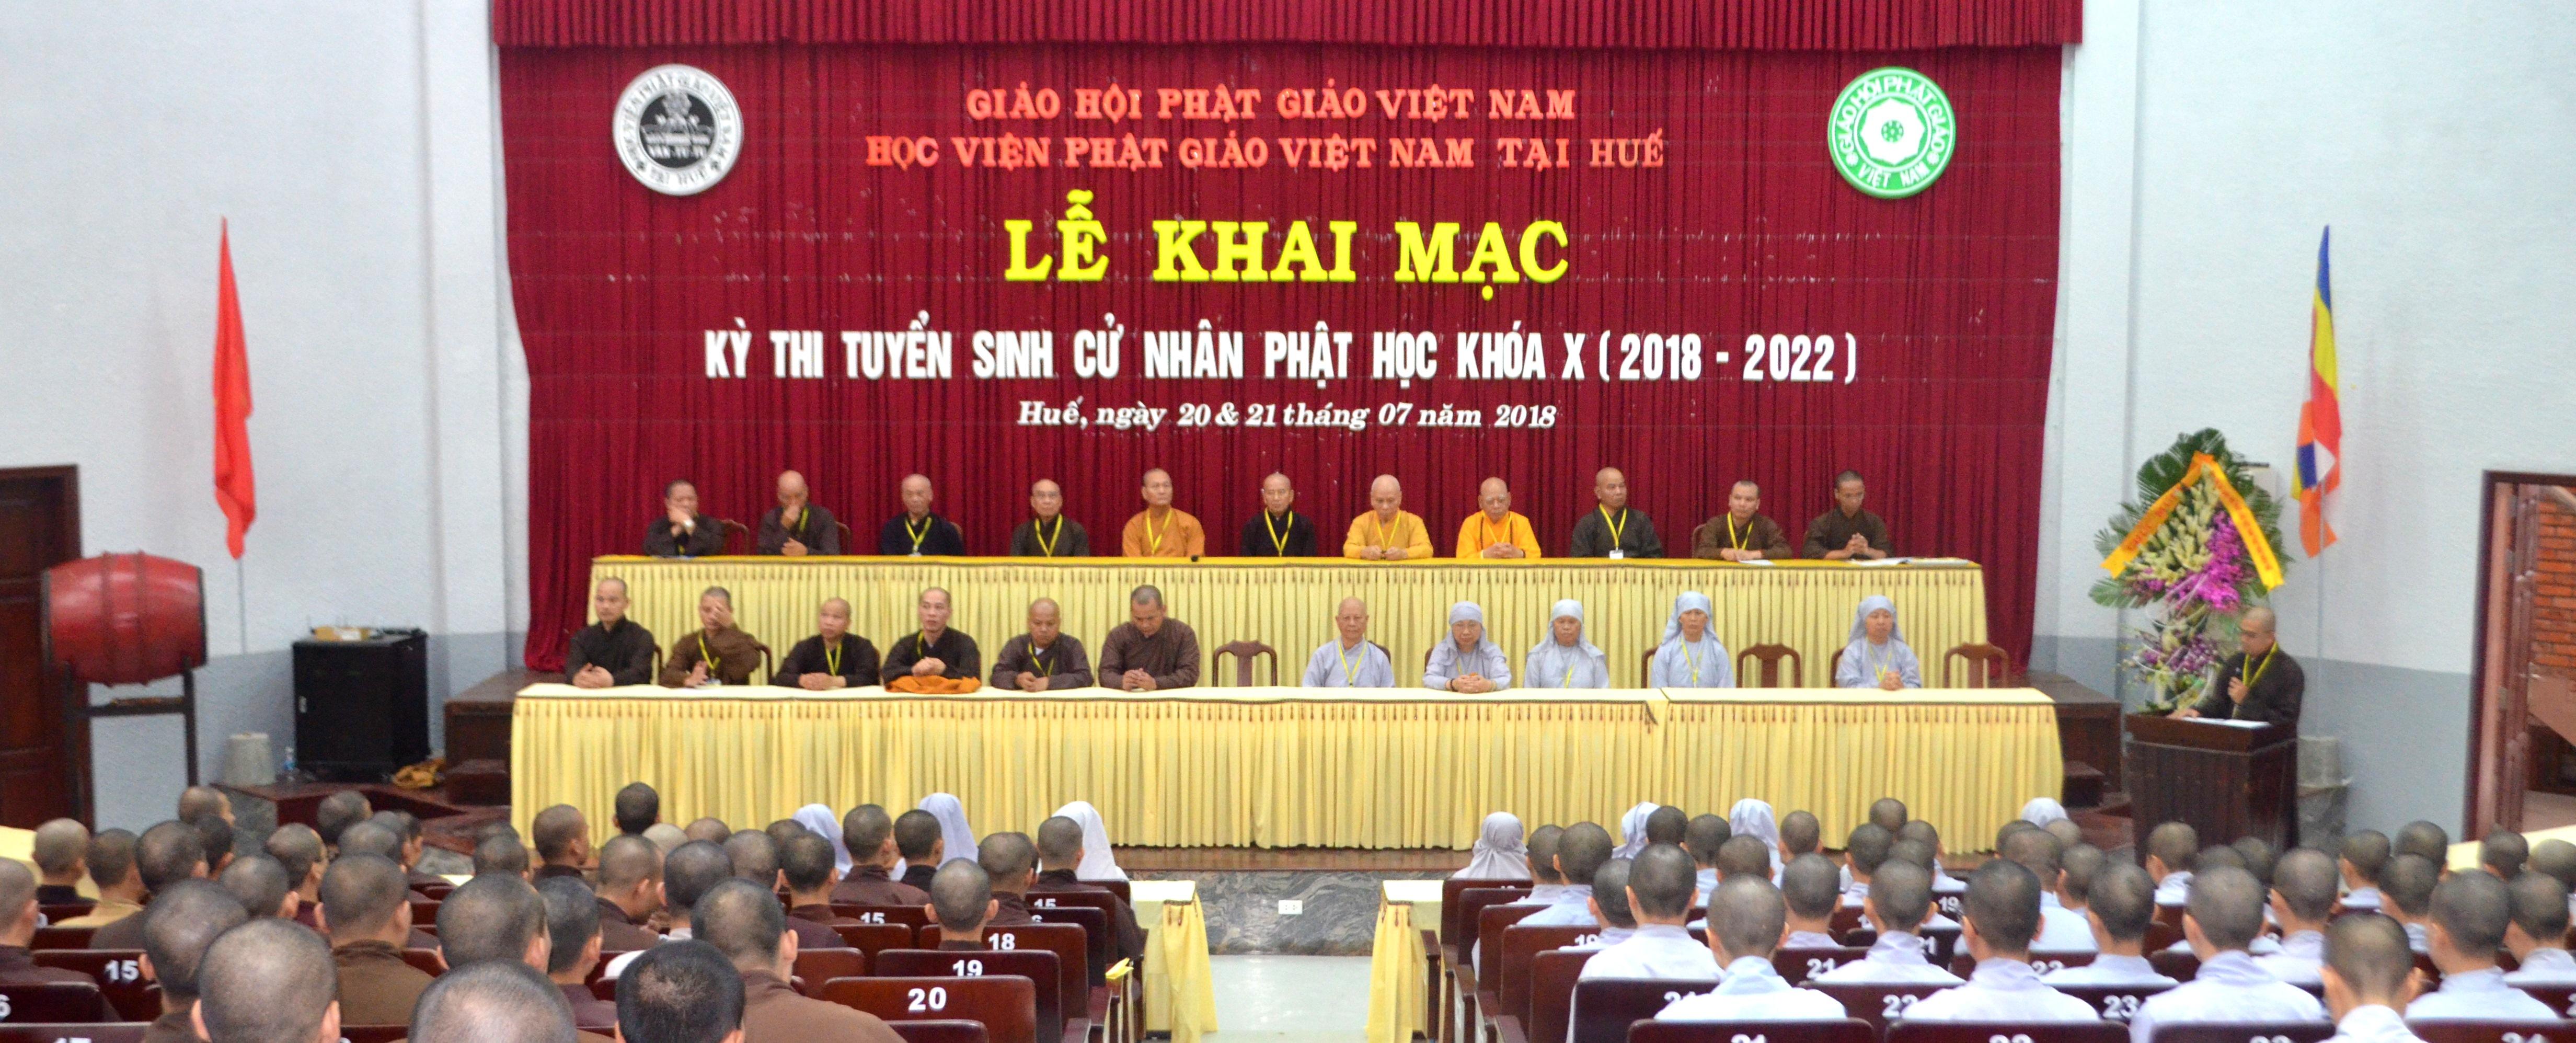 Học viện PGVN tại Huế tổ chức kỳ thi Tuyển sinh Cử nhân Phật học khóa X